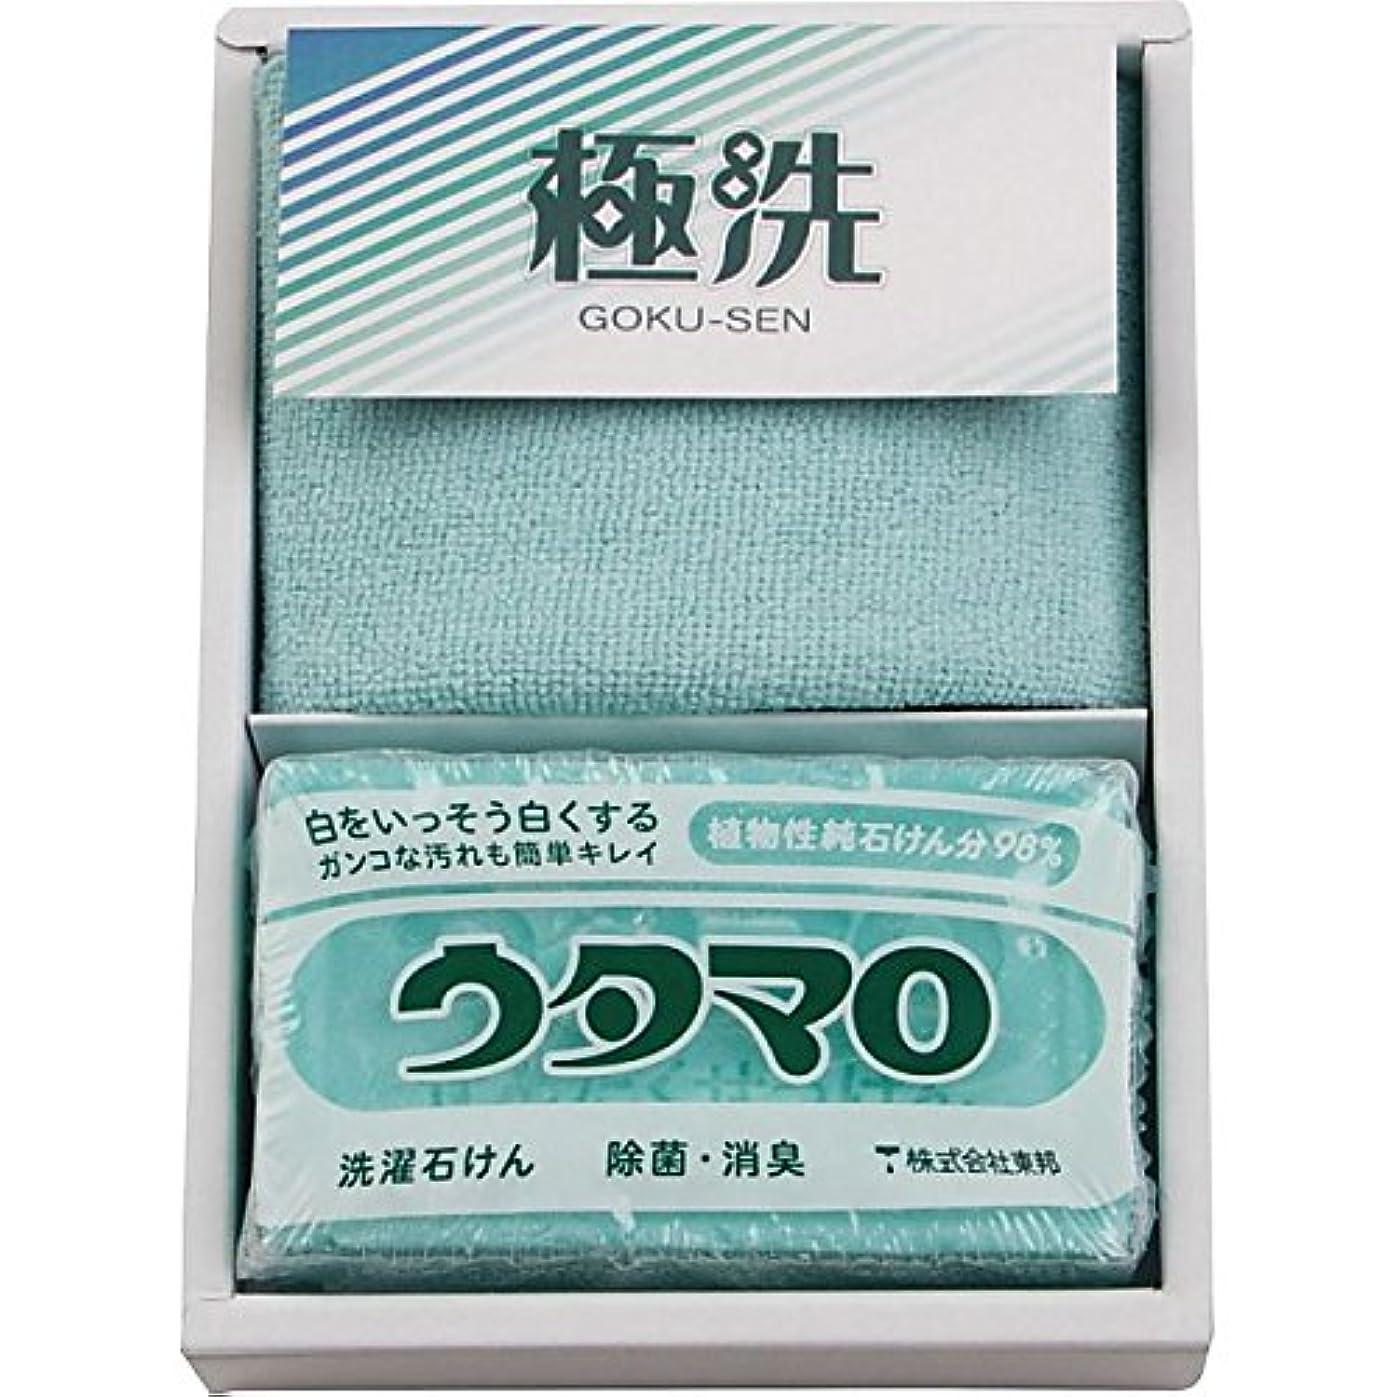 かすかな初期のバッグ( ウタマロ ) 石鹸セット ( 835-1053r )